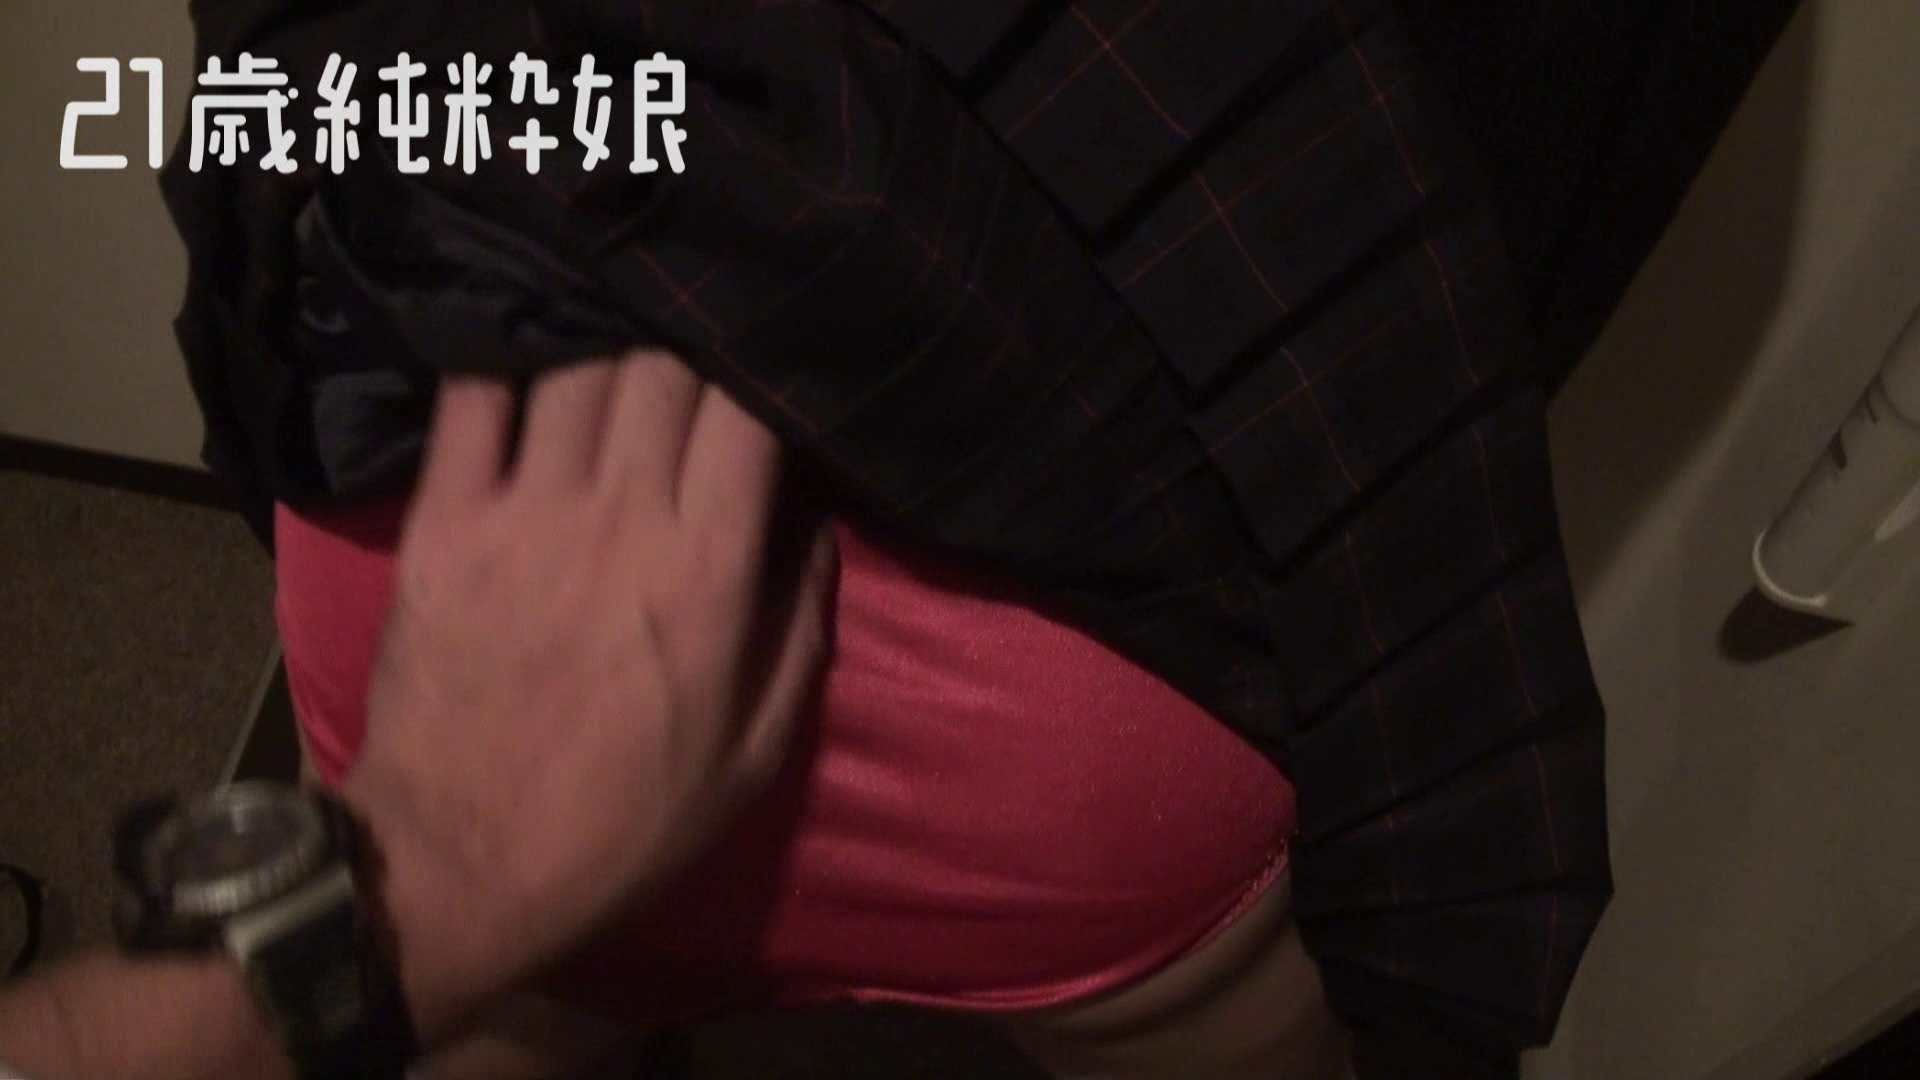 上京したばかりのGカップ21歳純粋嬢を都合の良い女にしてみた 学校  86pic 21